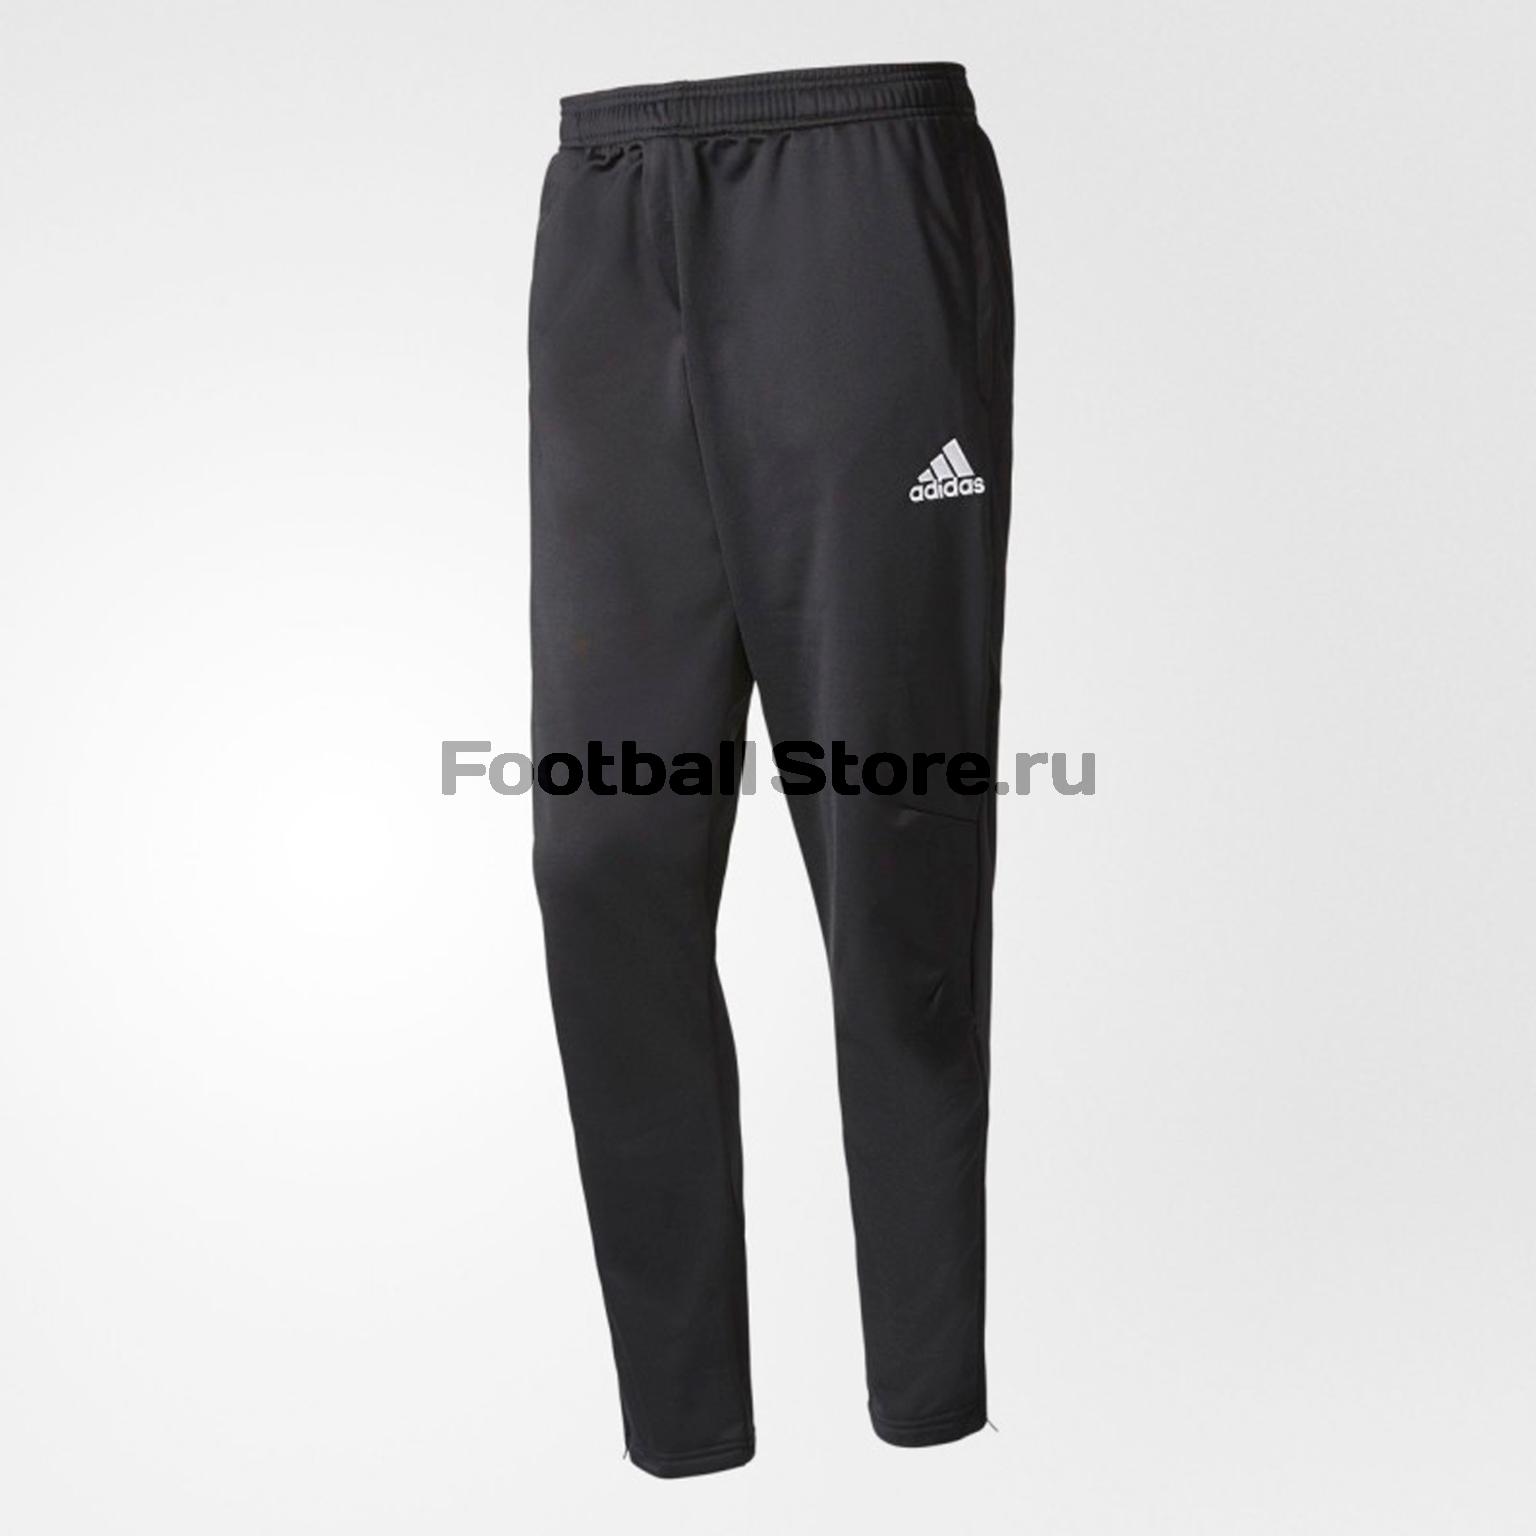 Брюки тренировочные Adidas Tiro17 Pes Pnt AY2877 брюки adidas брюки тренировочные adidas tiro17 rn pnt ay2896